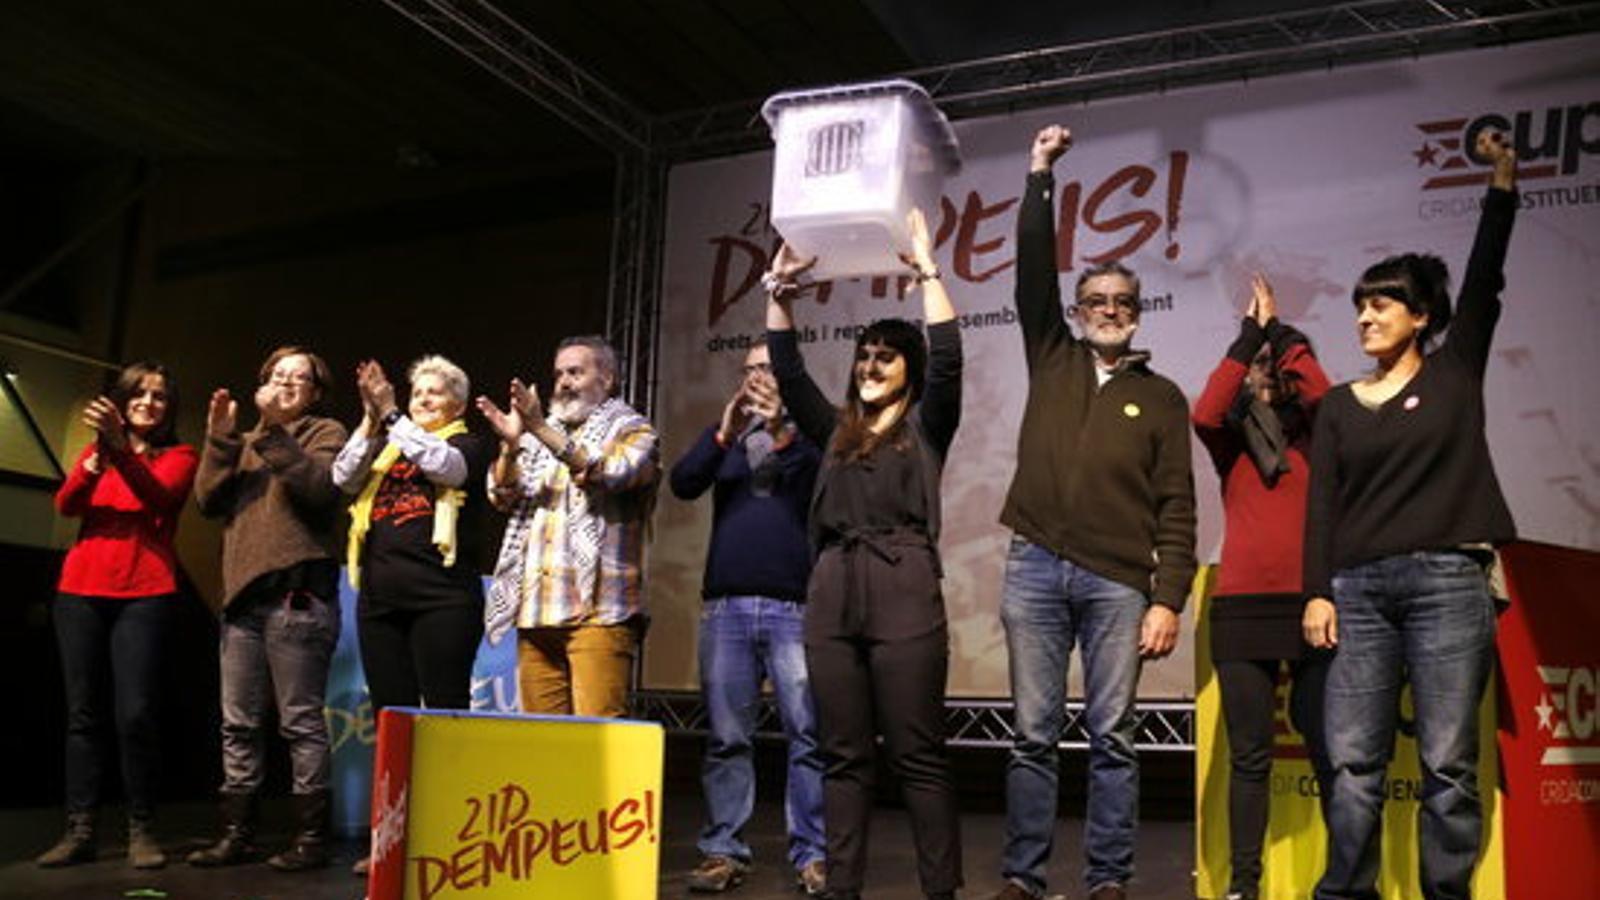 Foto de família després de l'acte final de campanya de la CUP. El candidat, Carles Riera, amb el puny alçat